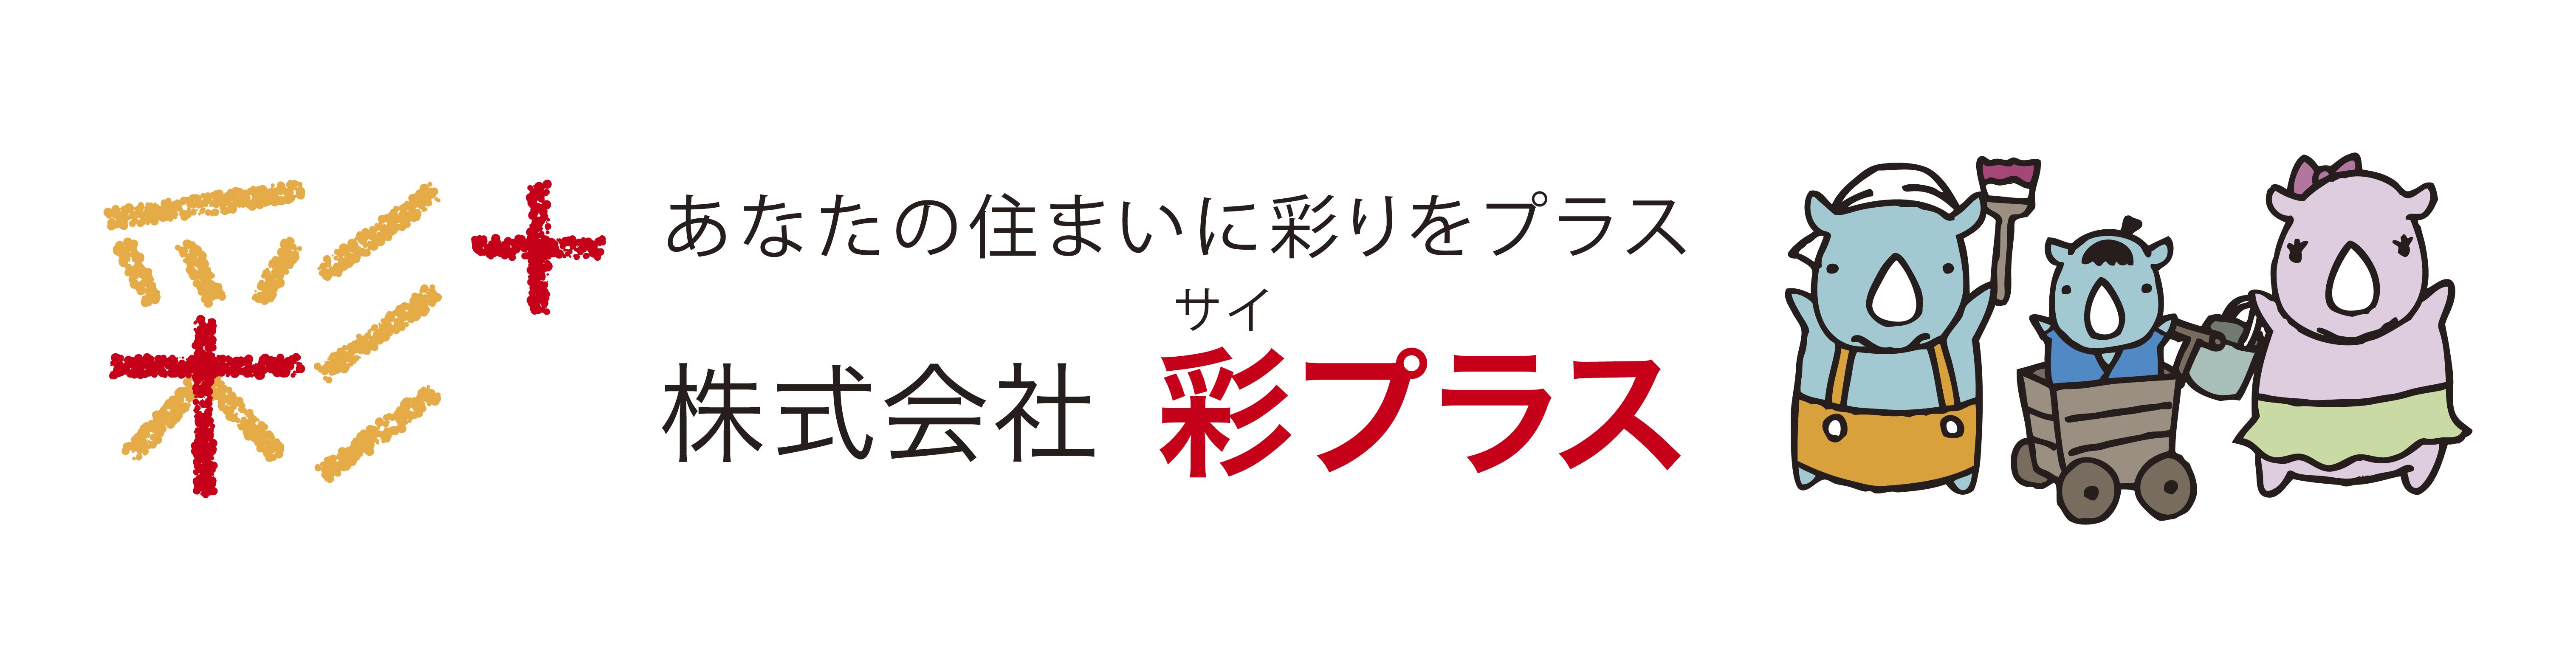 塗装専門店 株式会社 彩プラス